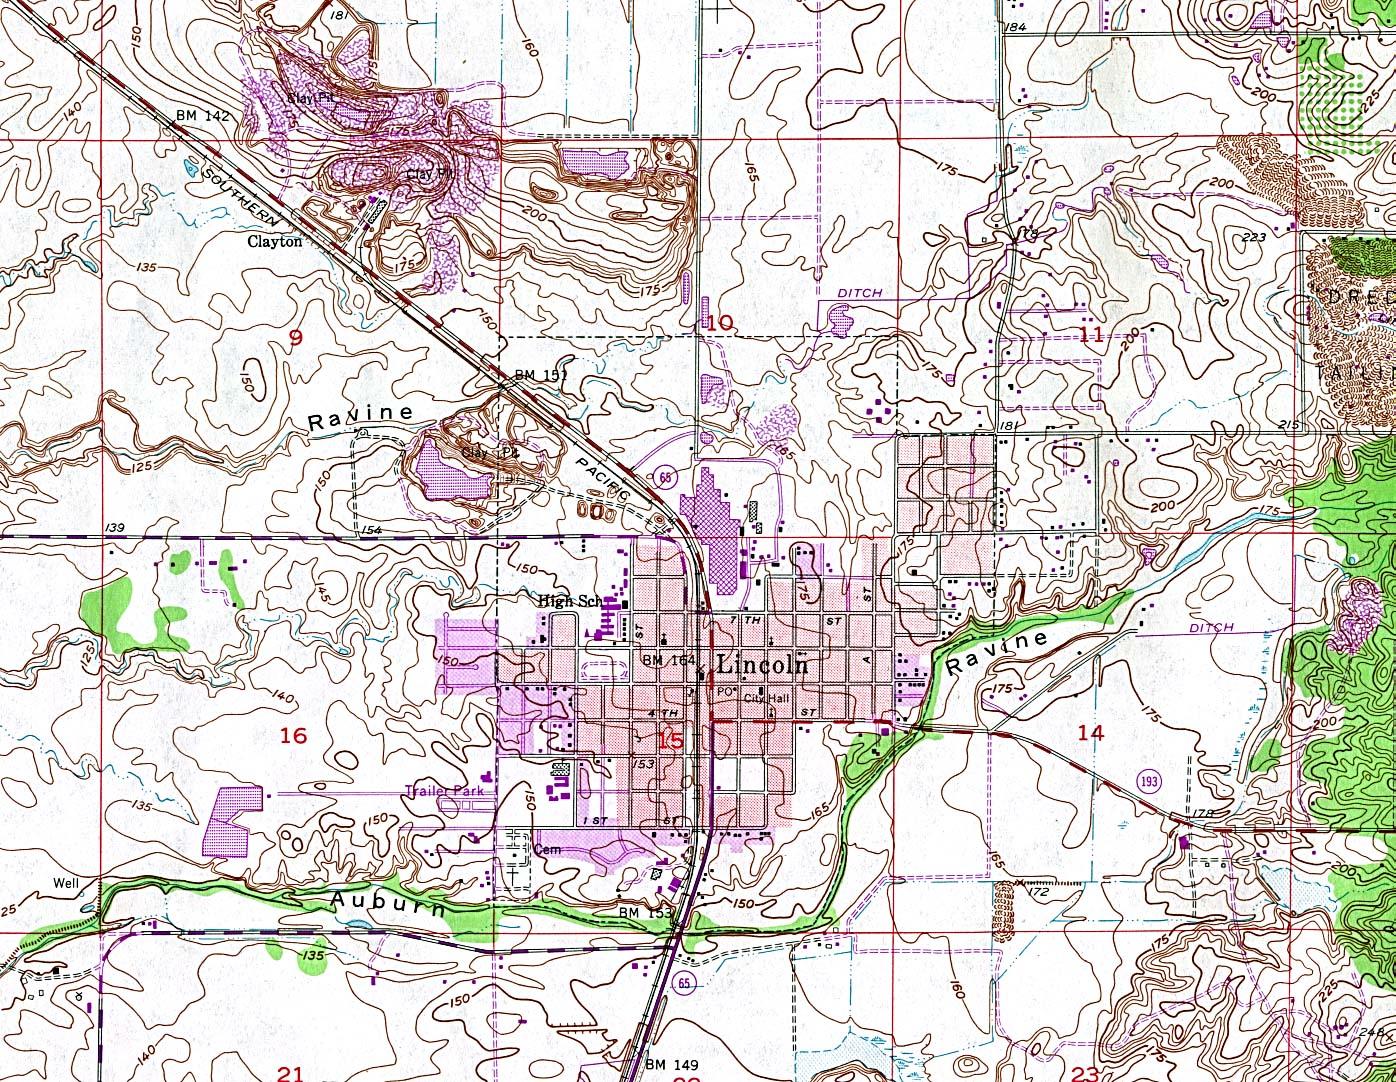 Mapa Topográfico de la Ciudad de Lincoln, California, Estados Unidos